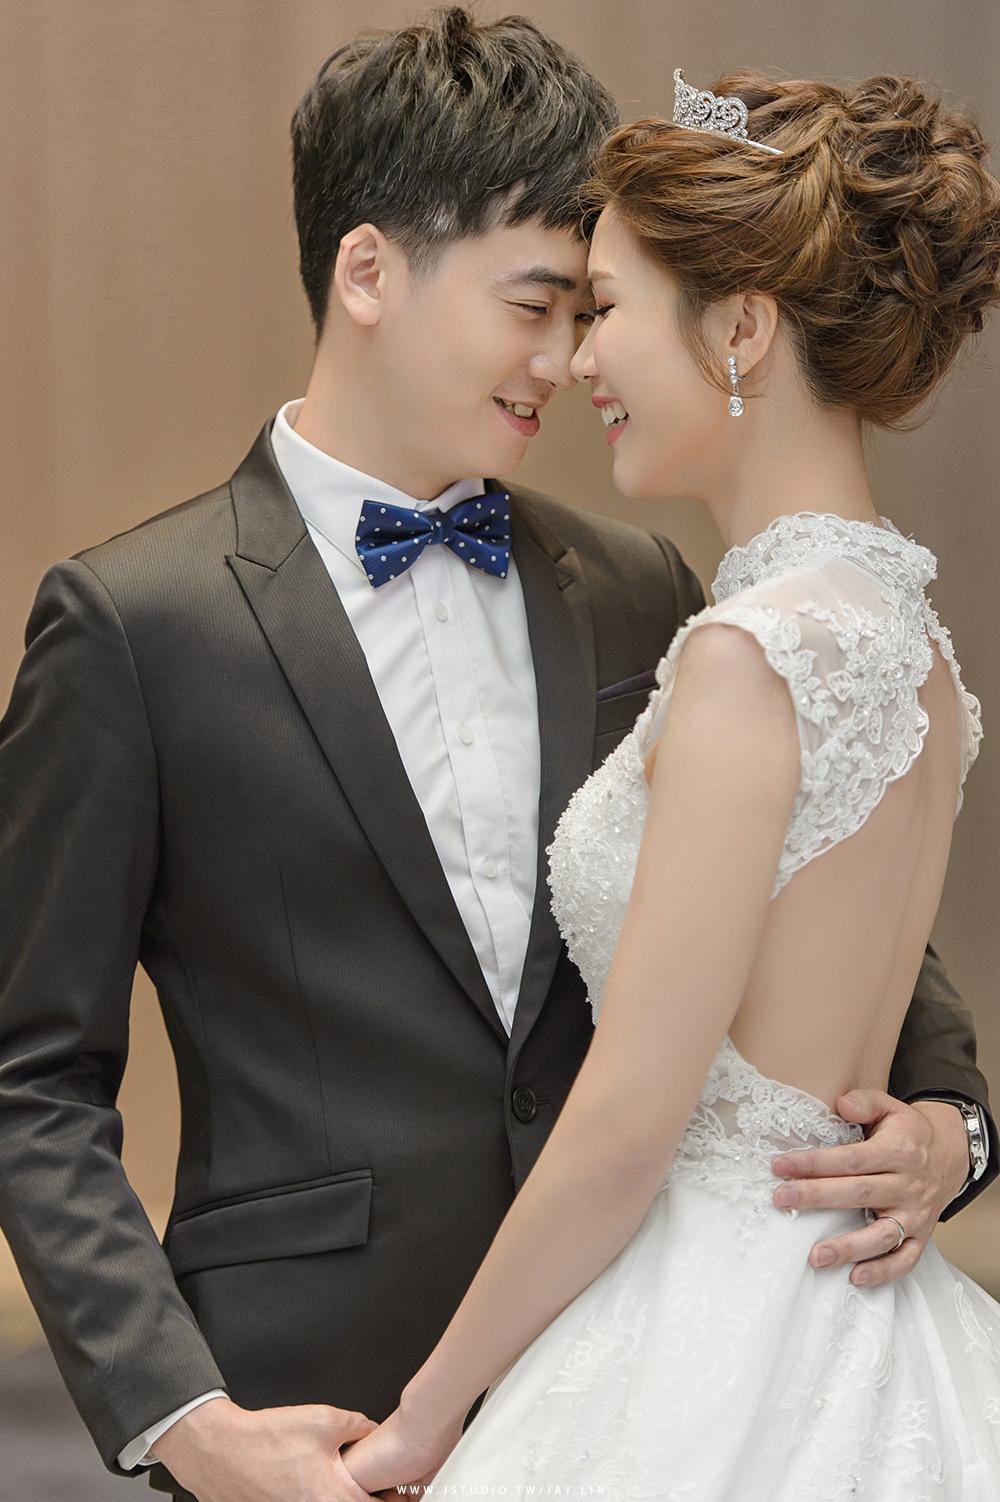 婚攝 台北婚攝 婚禮紀錄 婚攝 推薦婚攝 格萊天漾 JSTUDIO_0167